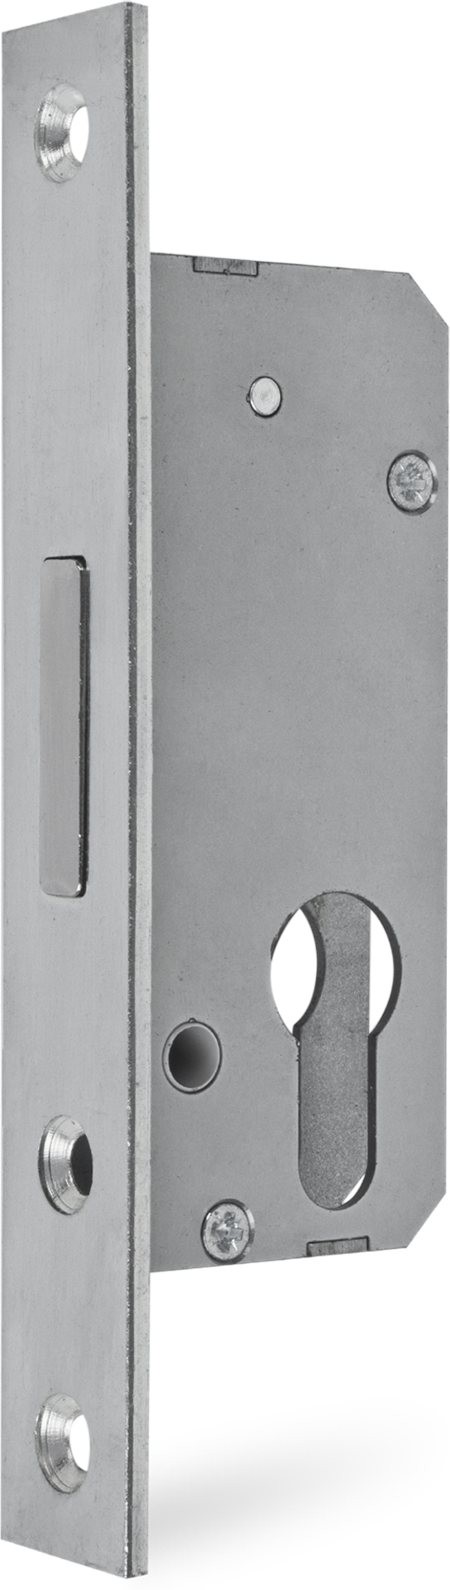 Riegelschloss 30 Dorn bündig, Riegelausschluss 25 mm, zweitourig, Riegel mit Stahlstift, Lochabstand Befestigungslöcher Stulp 136 mm